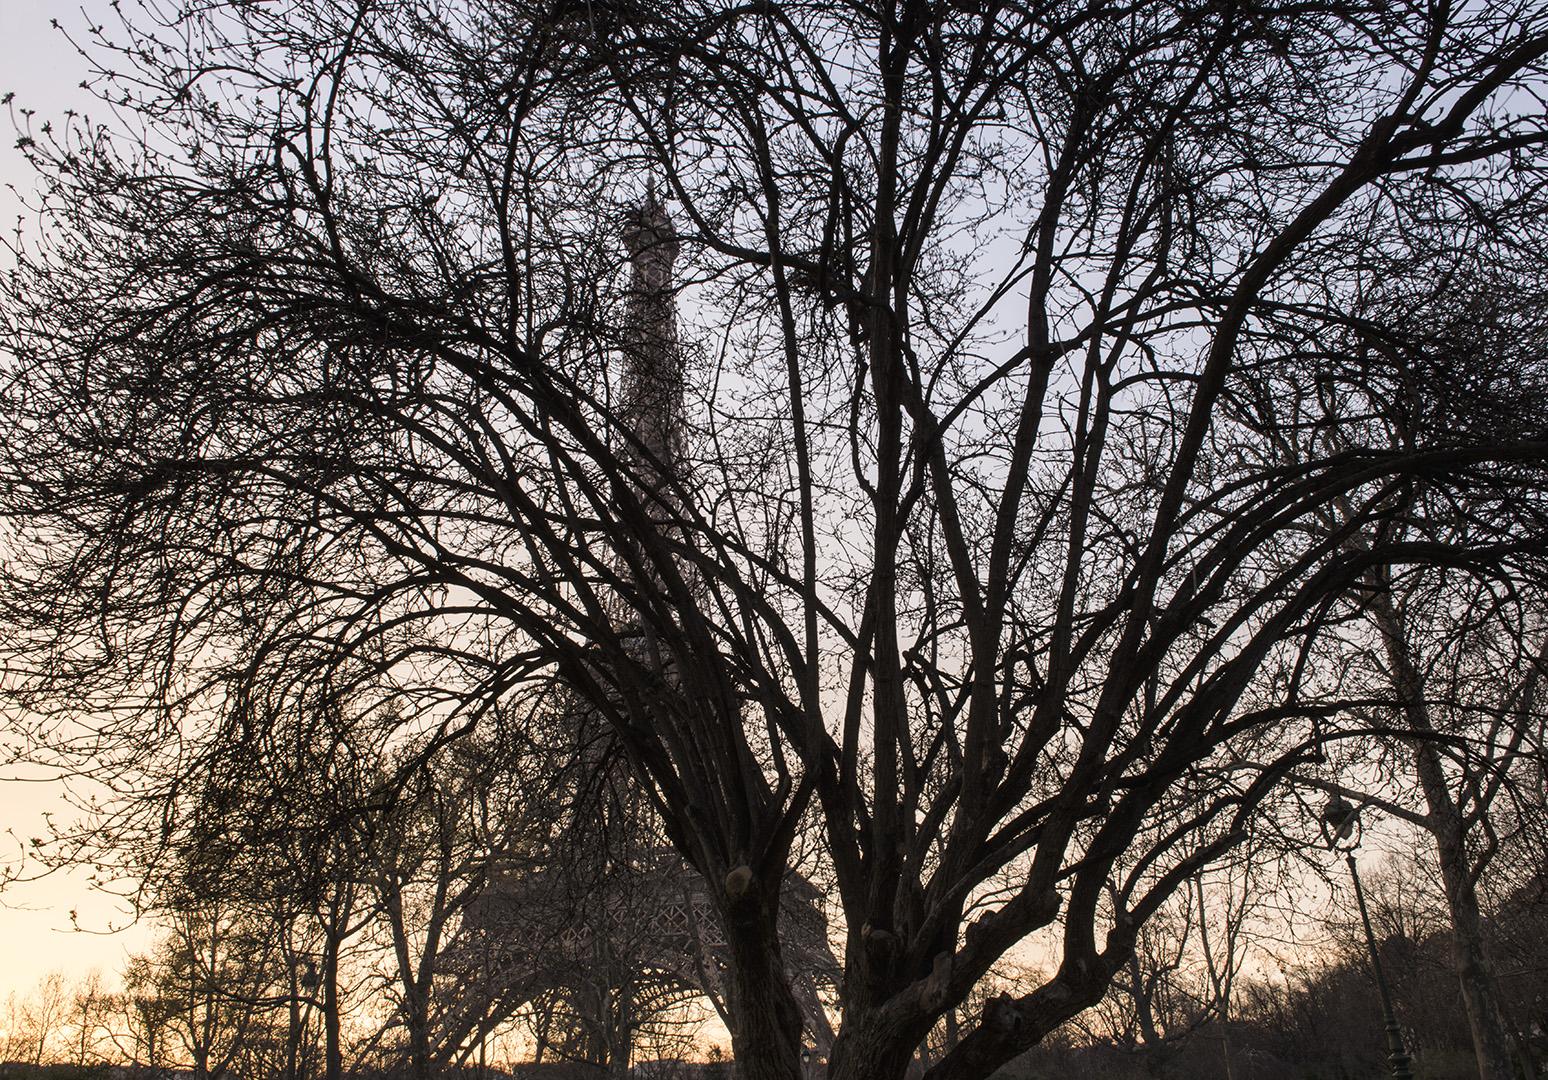 Analogie entre les arbres qui entourent la tour Eiffel et les échafaudages d'un immeuble géant